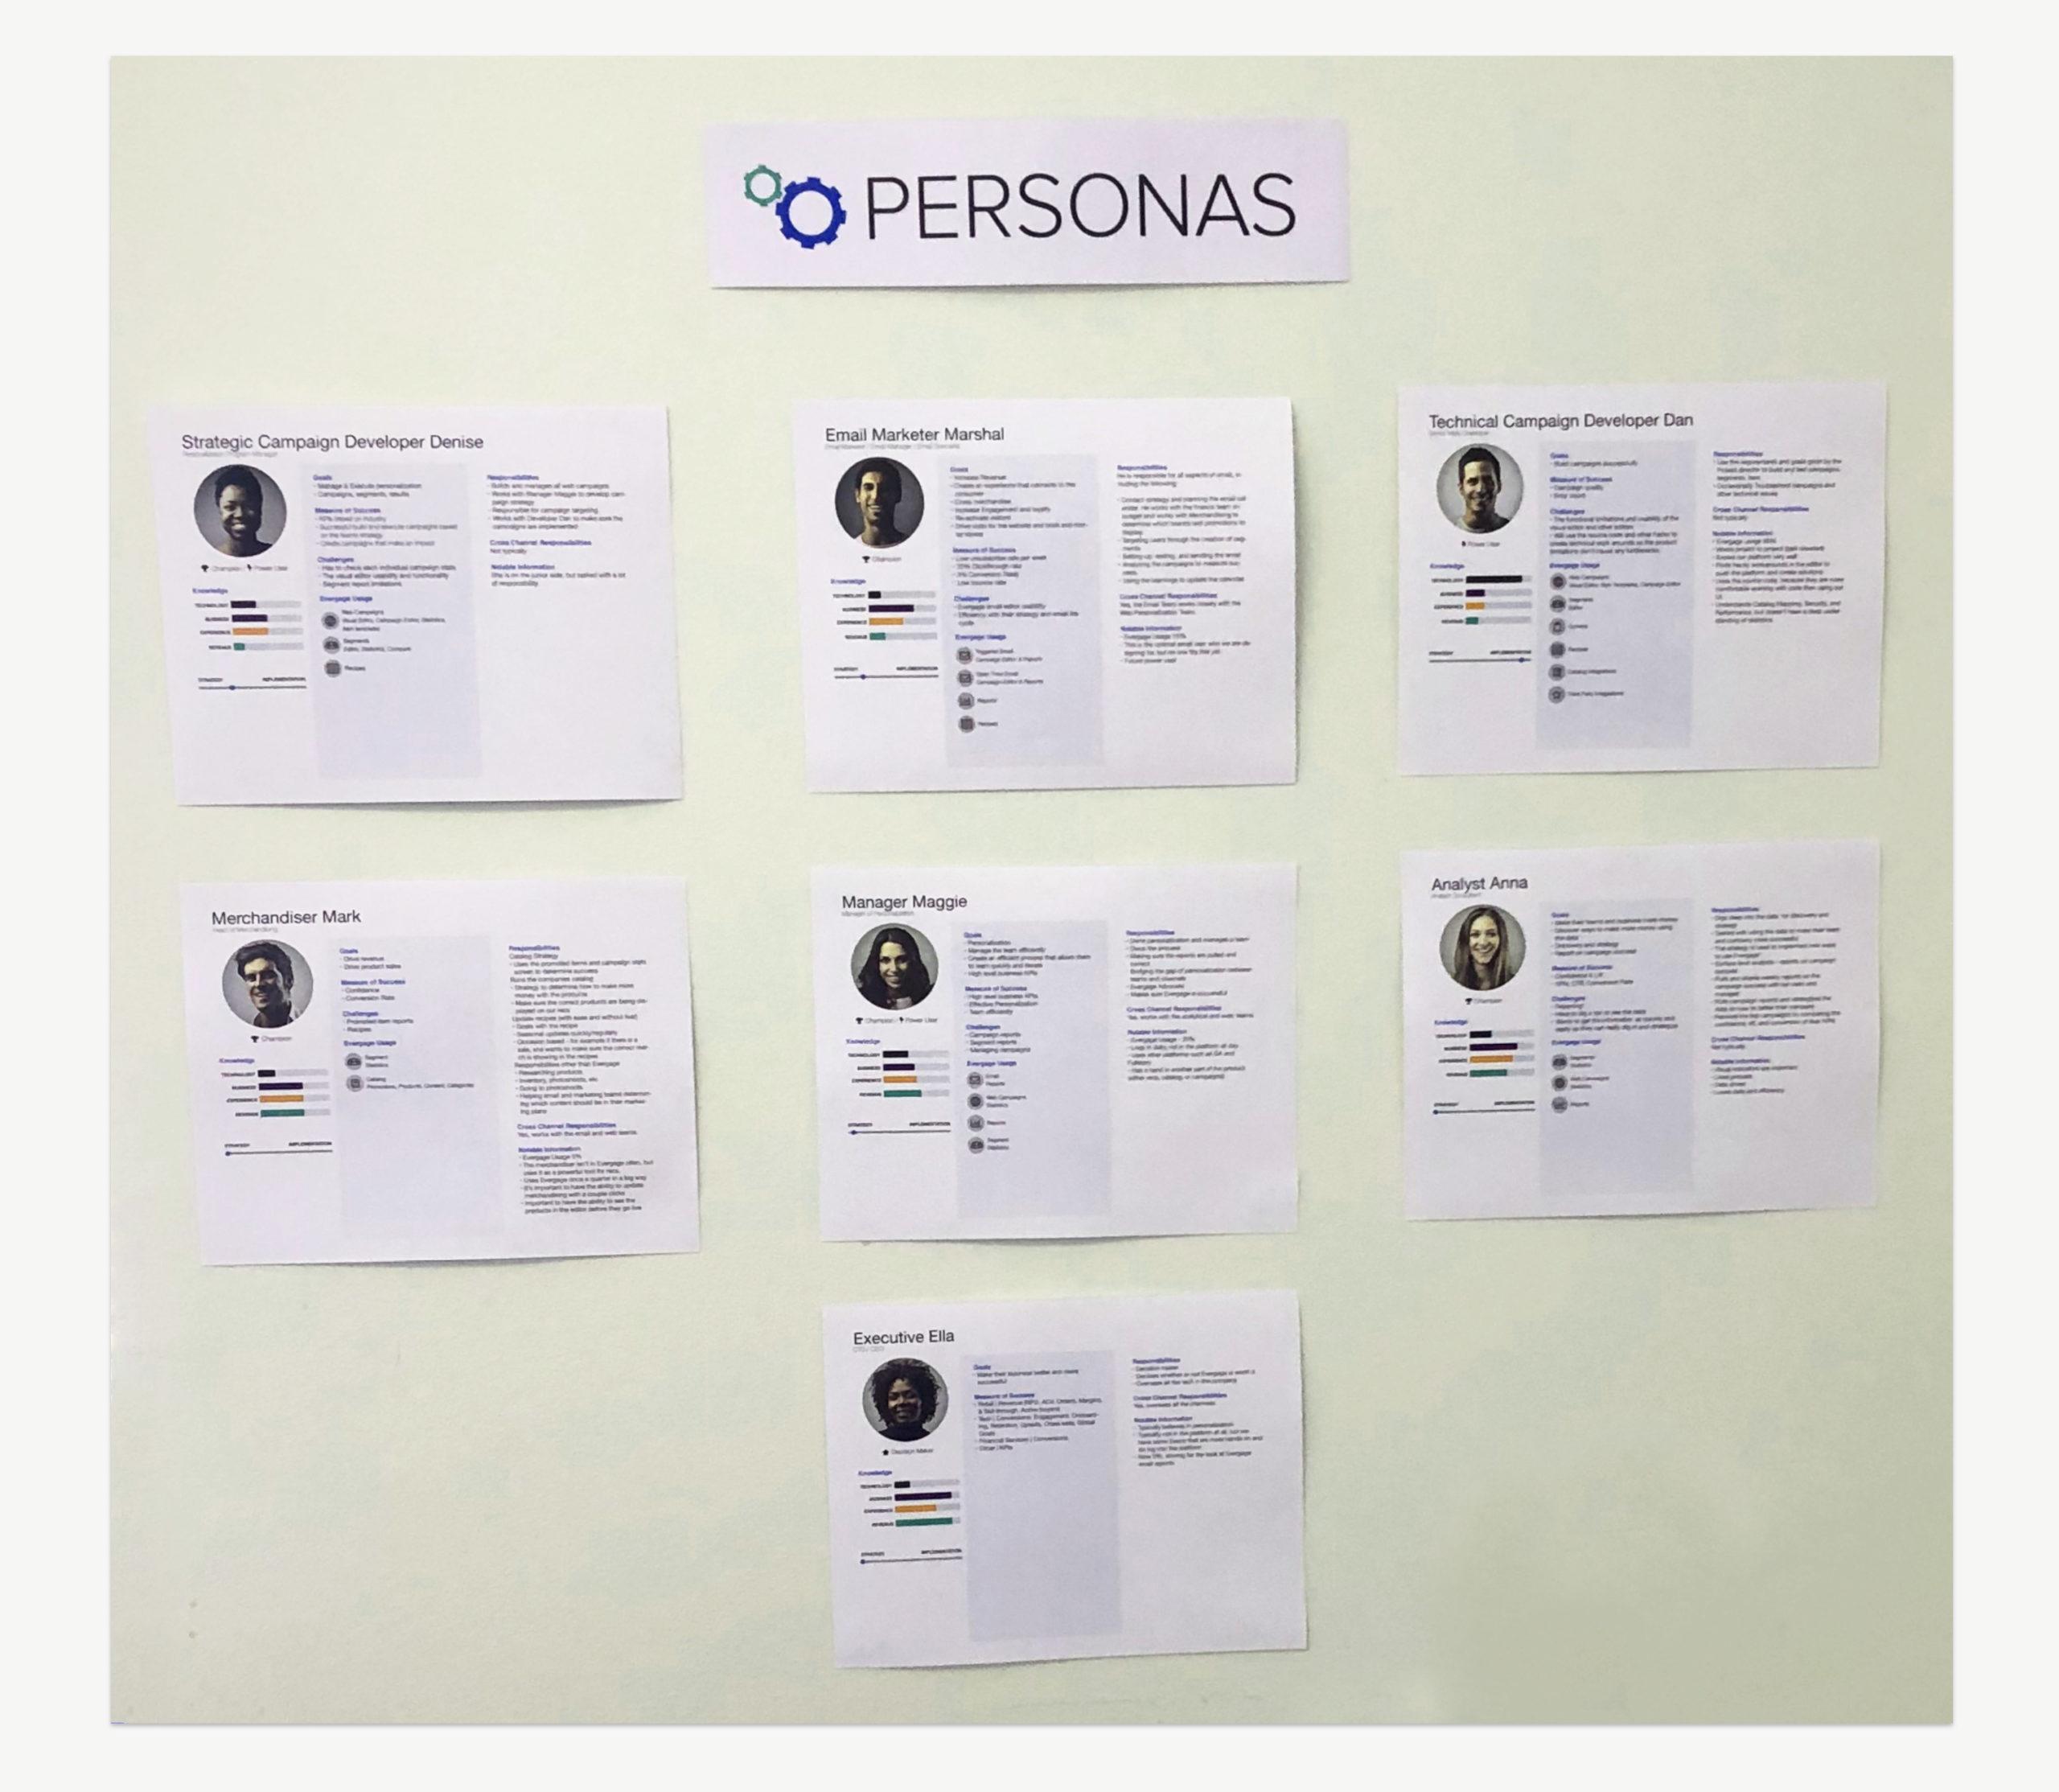 personas wall – smaller